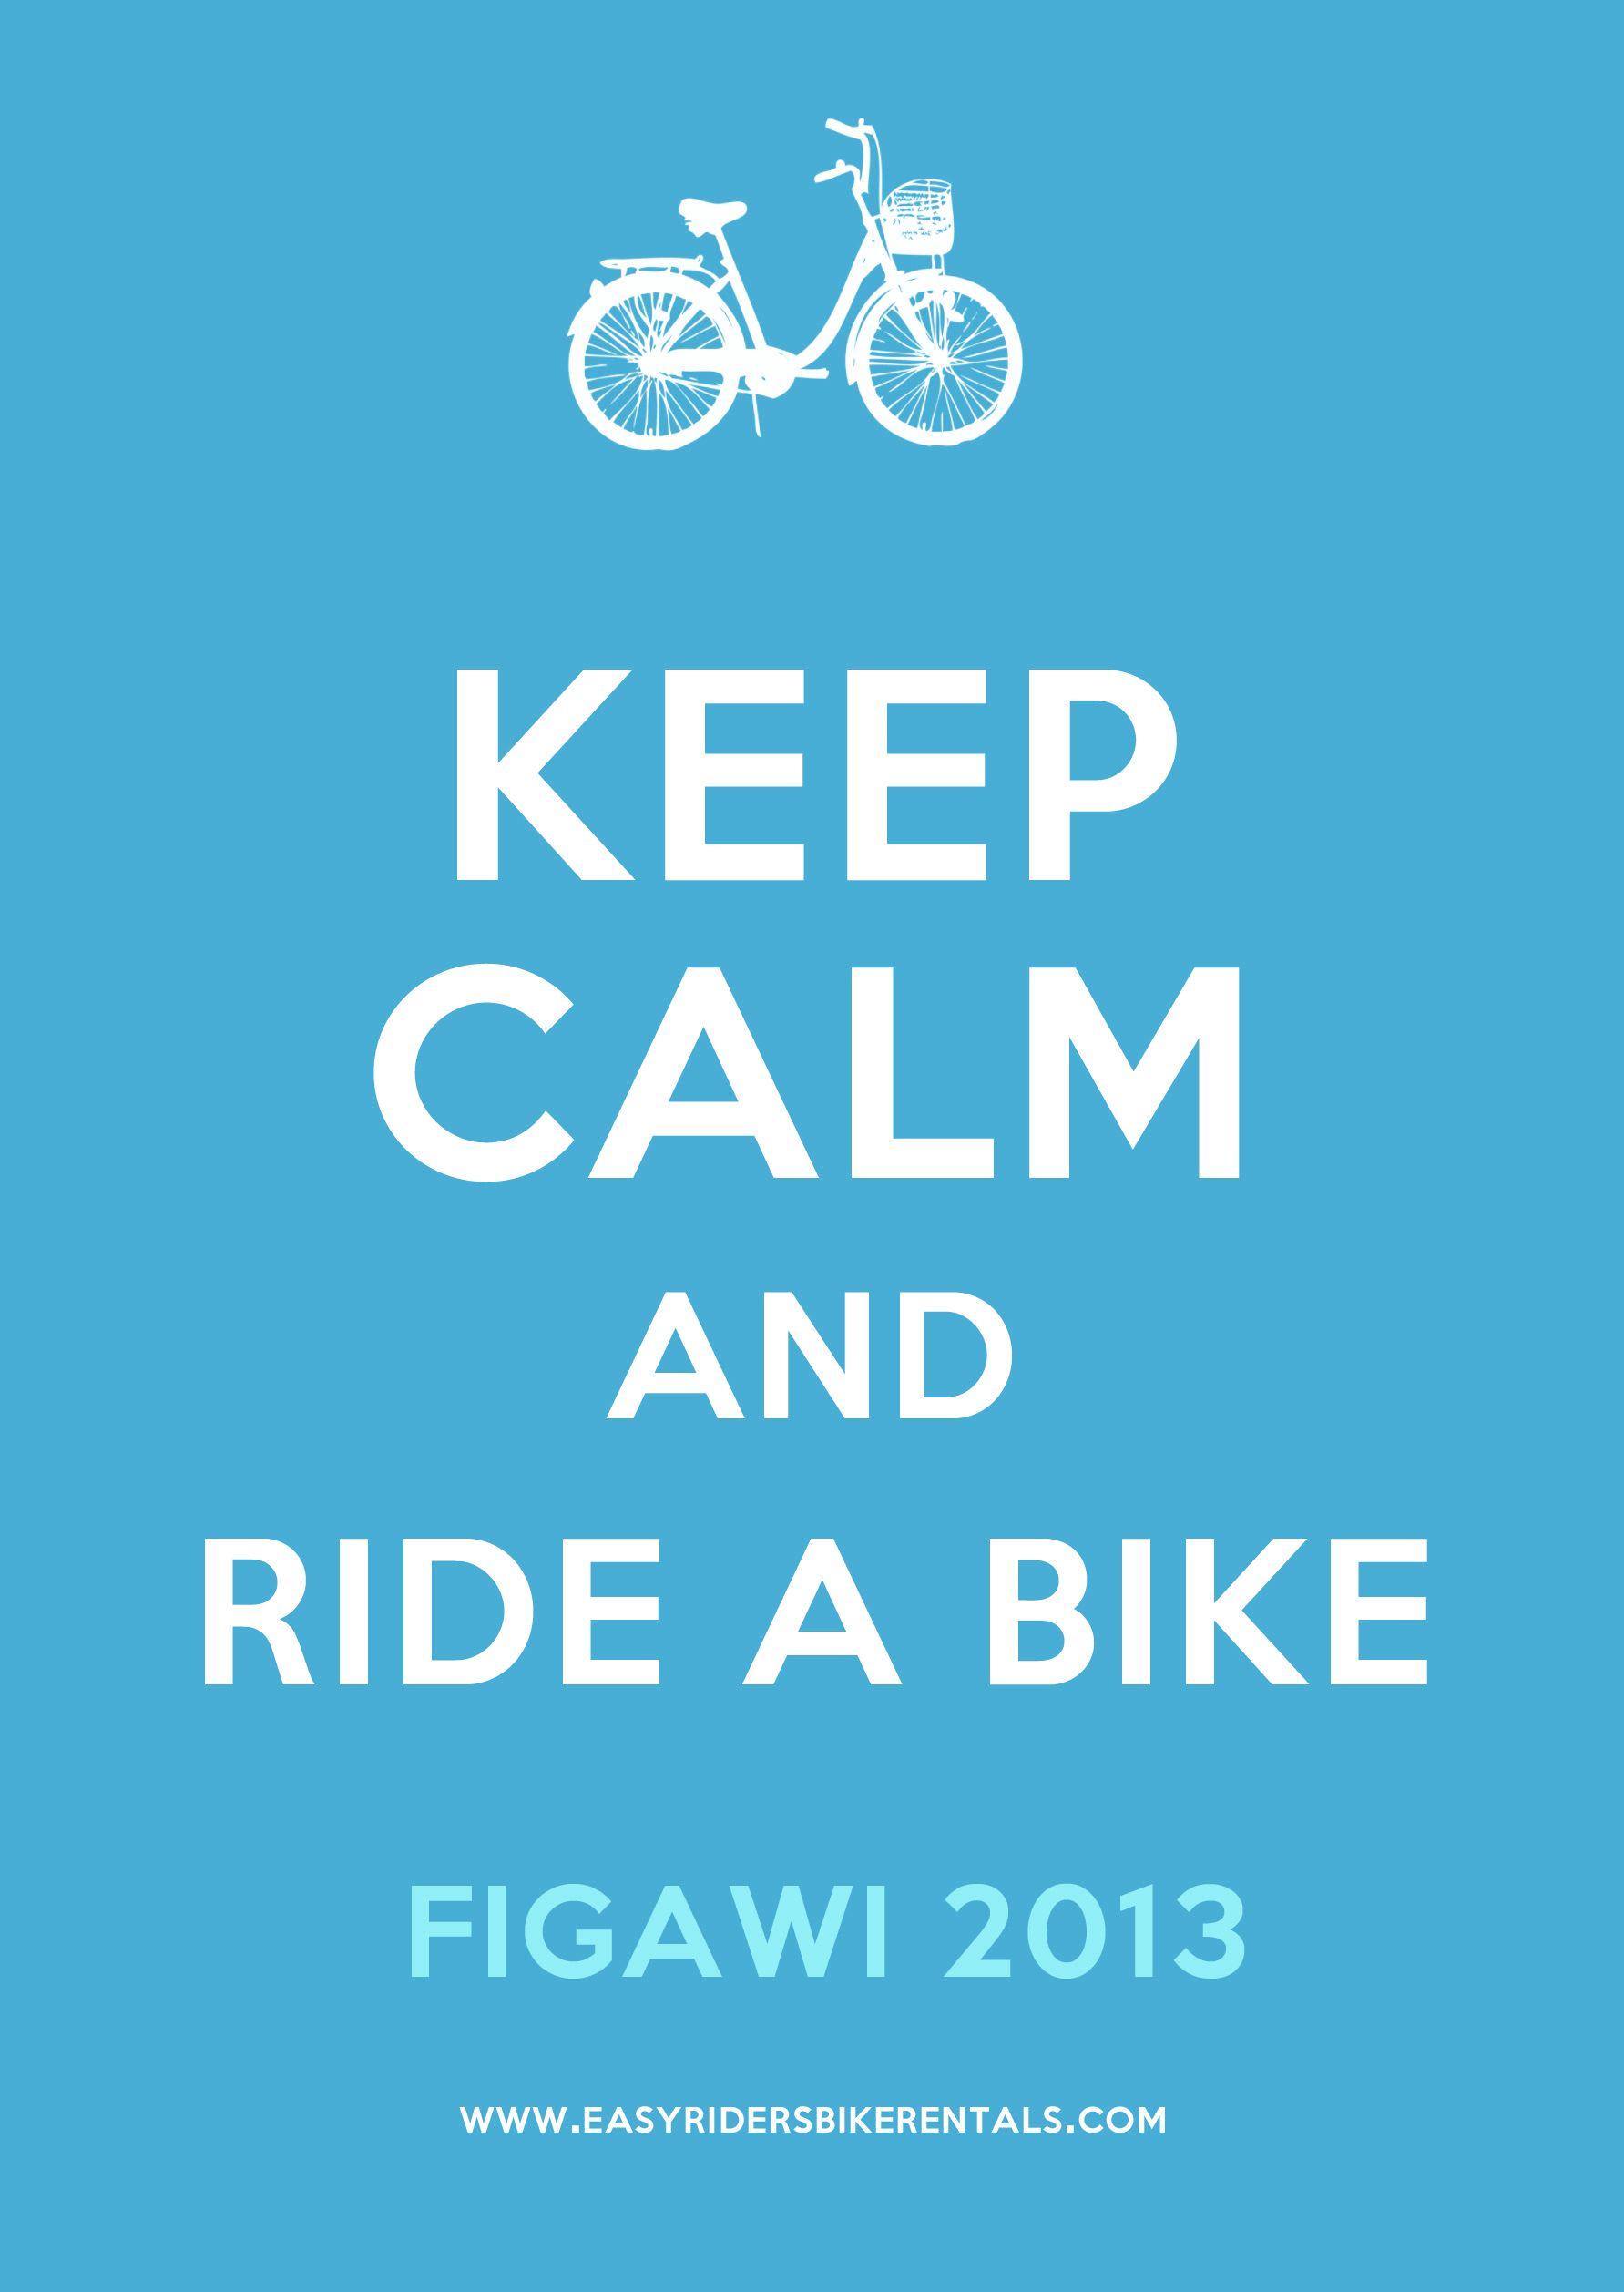 Keep calm and ride a bike! bike KeepCalm Figawi